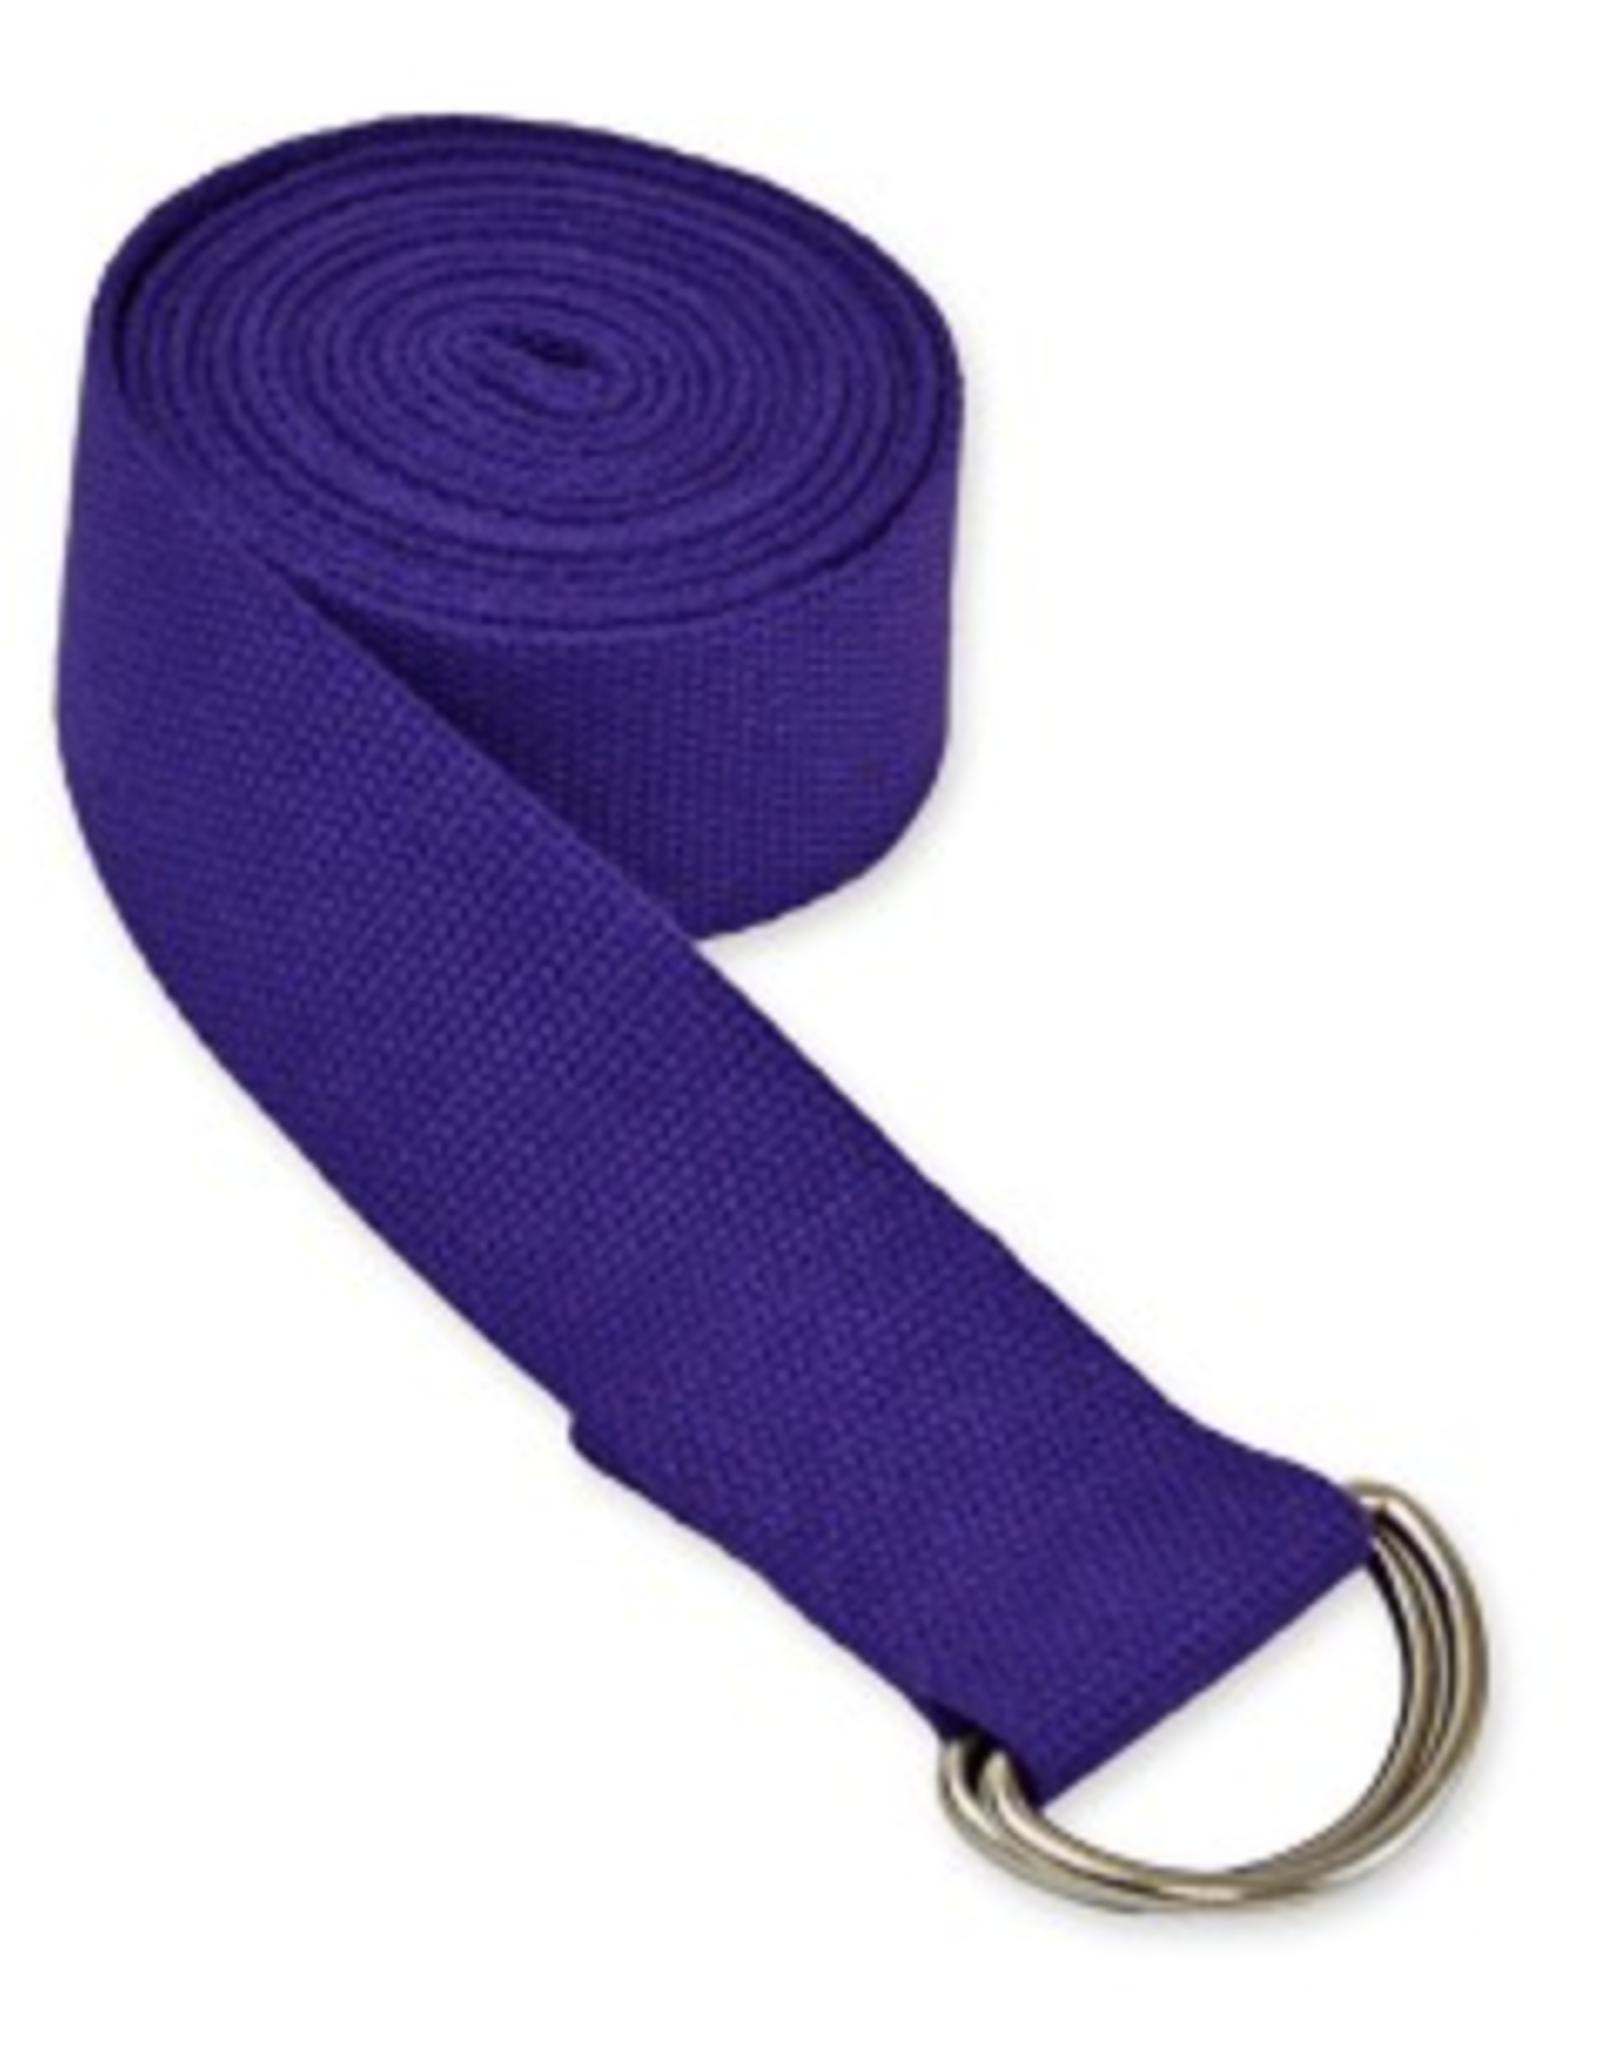 Yoga Accessories 8' D-Ring Yoga Strap - Purple